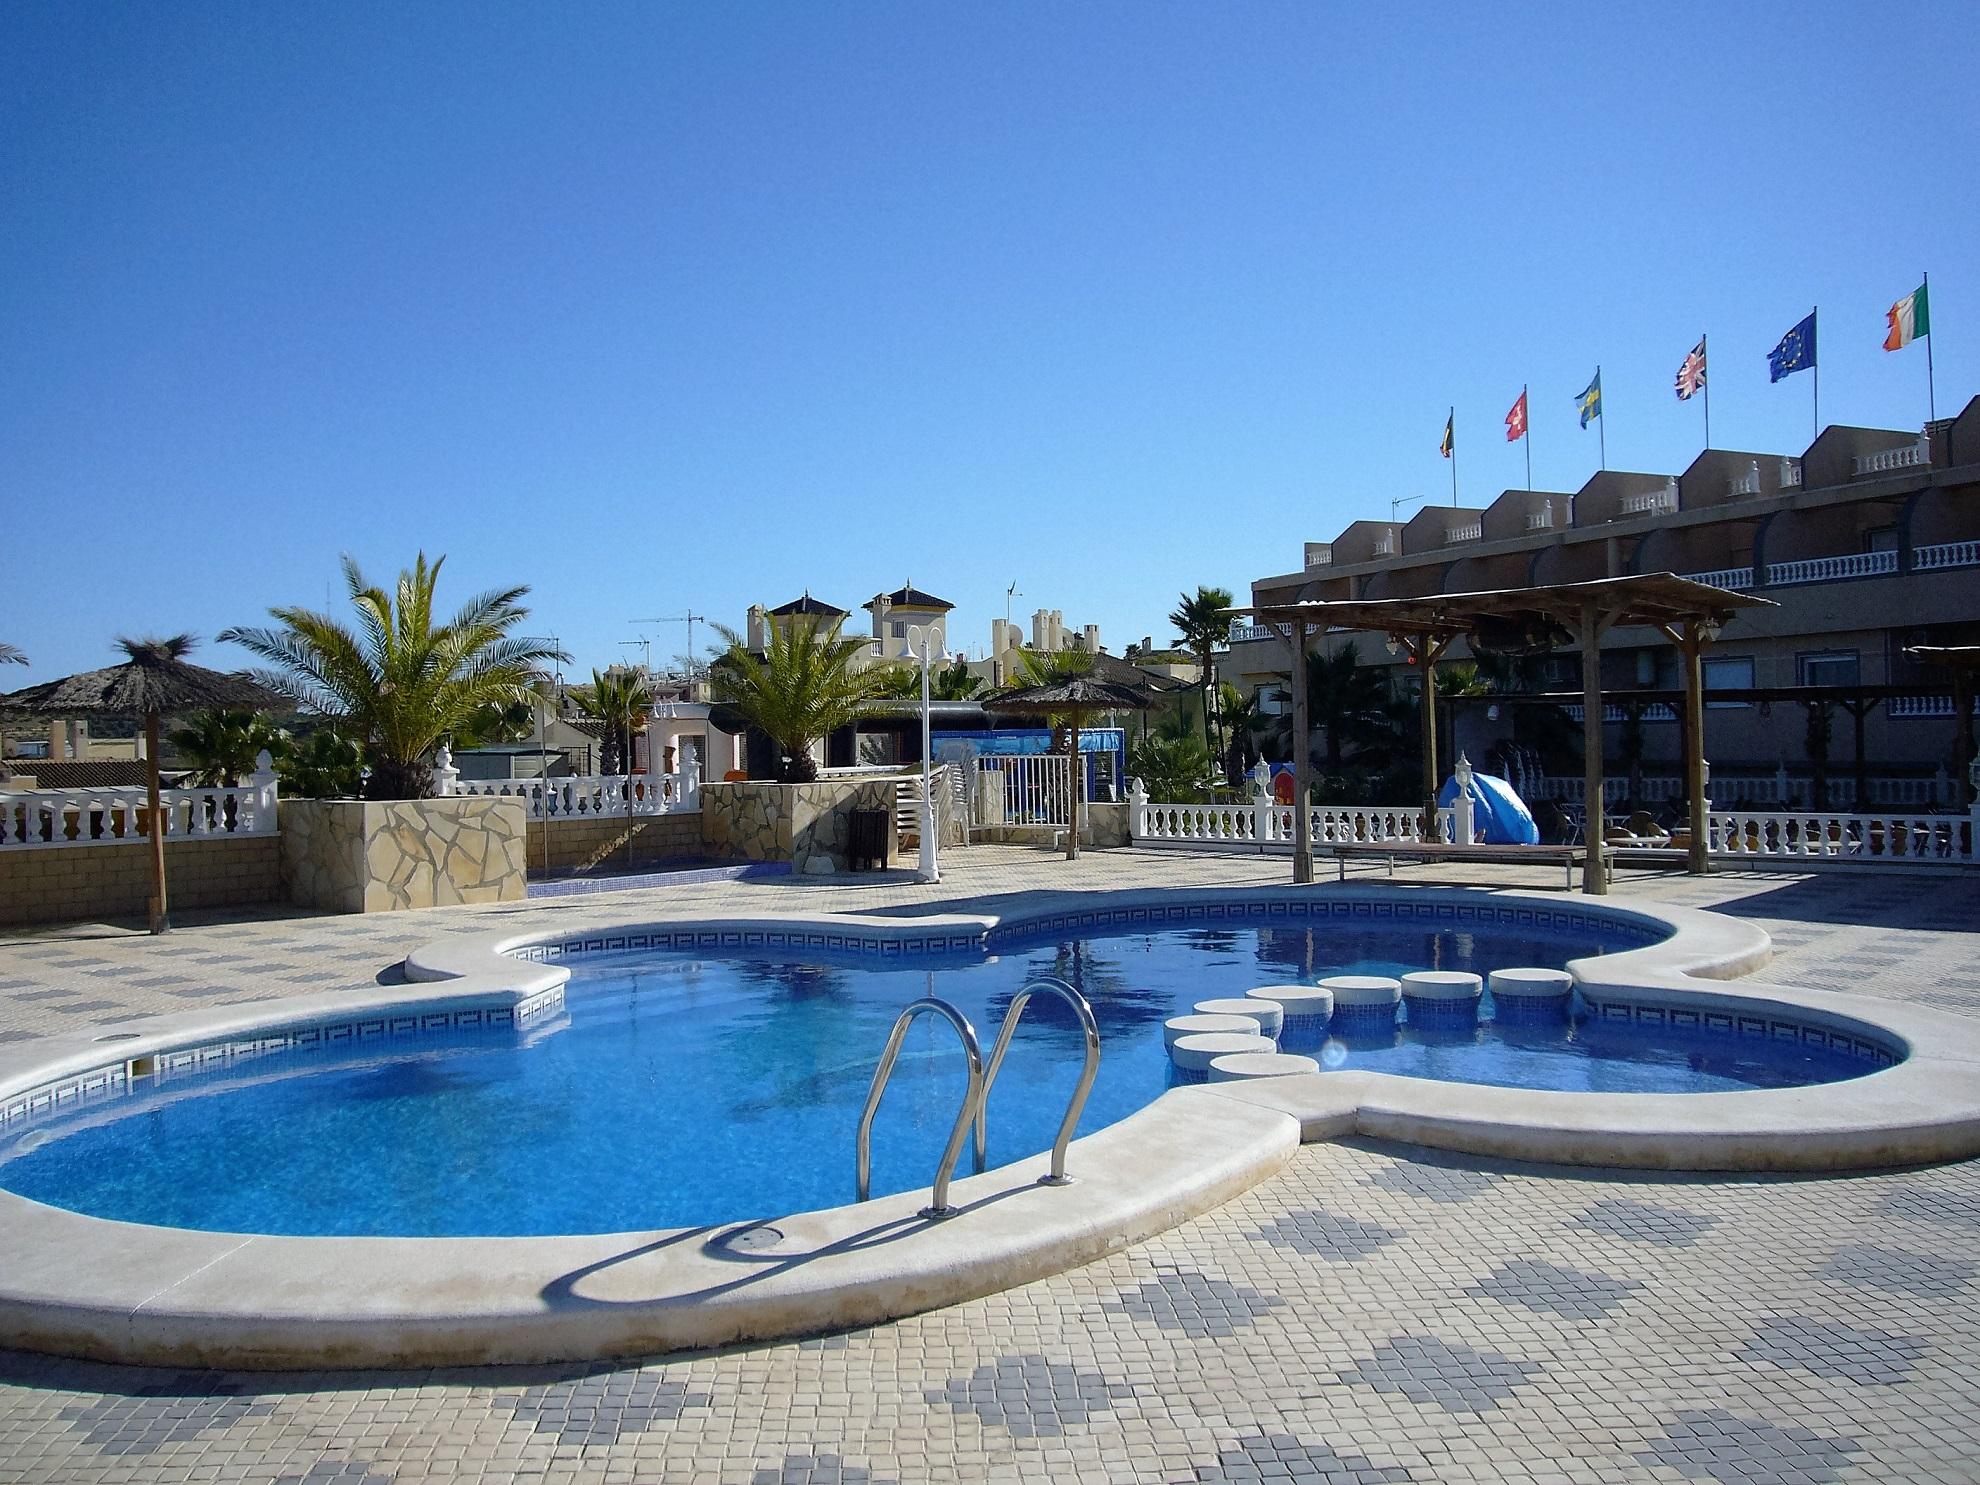 PROYECTO DE INSTALACIONES Y LEGALIZACIÓN PARA HOTEL COSTA BLANCA RESORT ROJALES (ALICANTE)